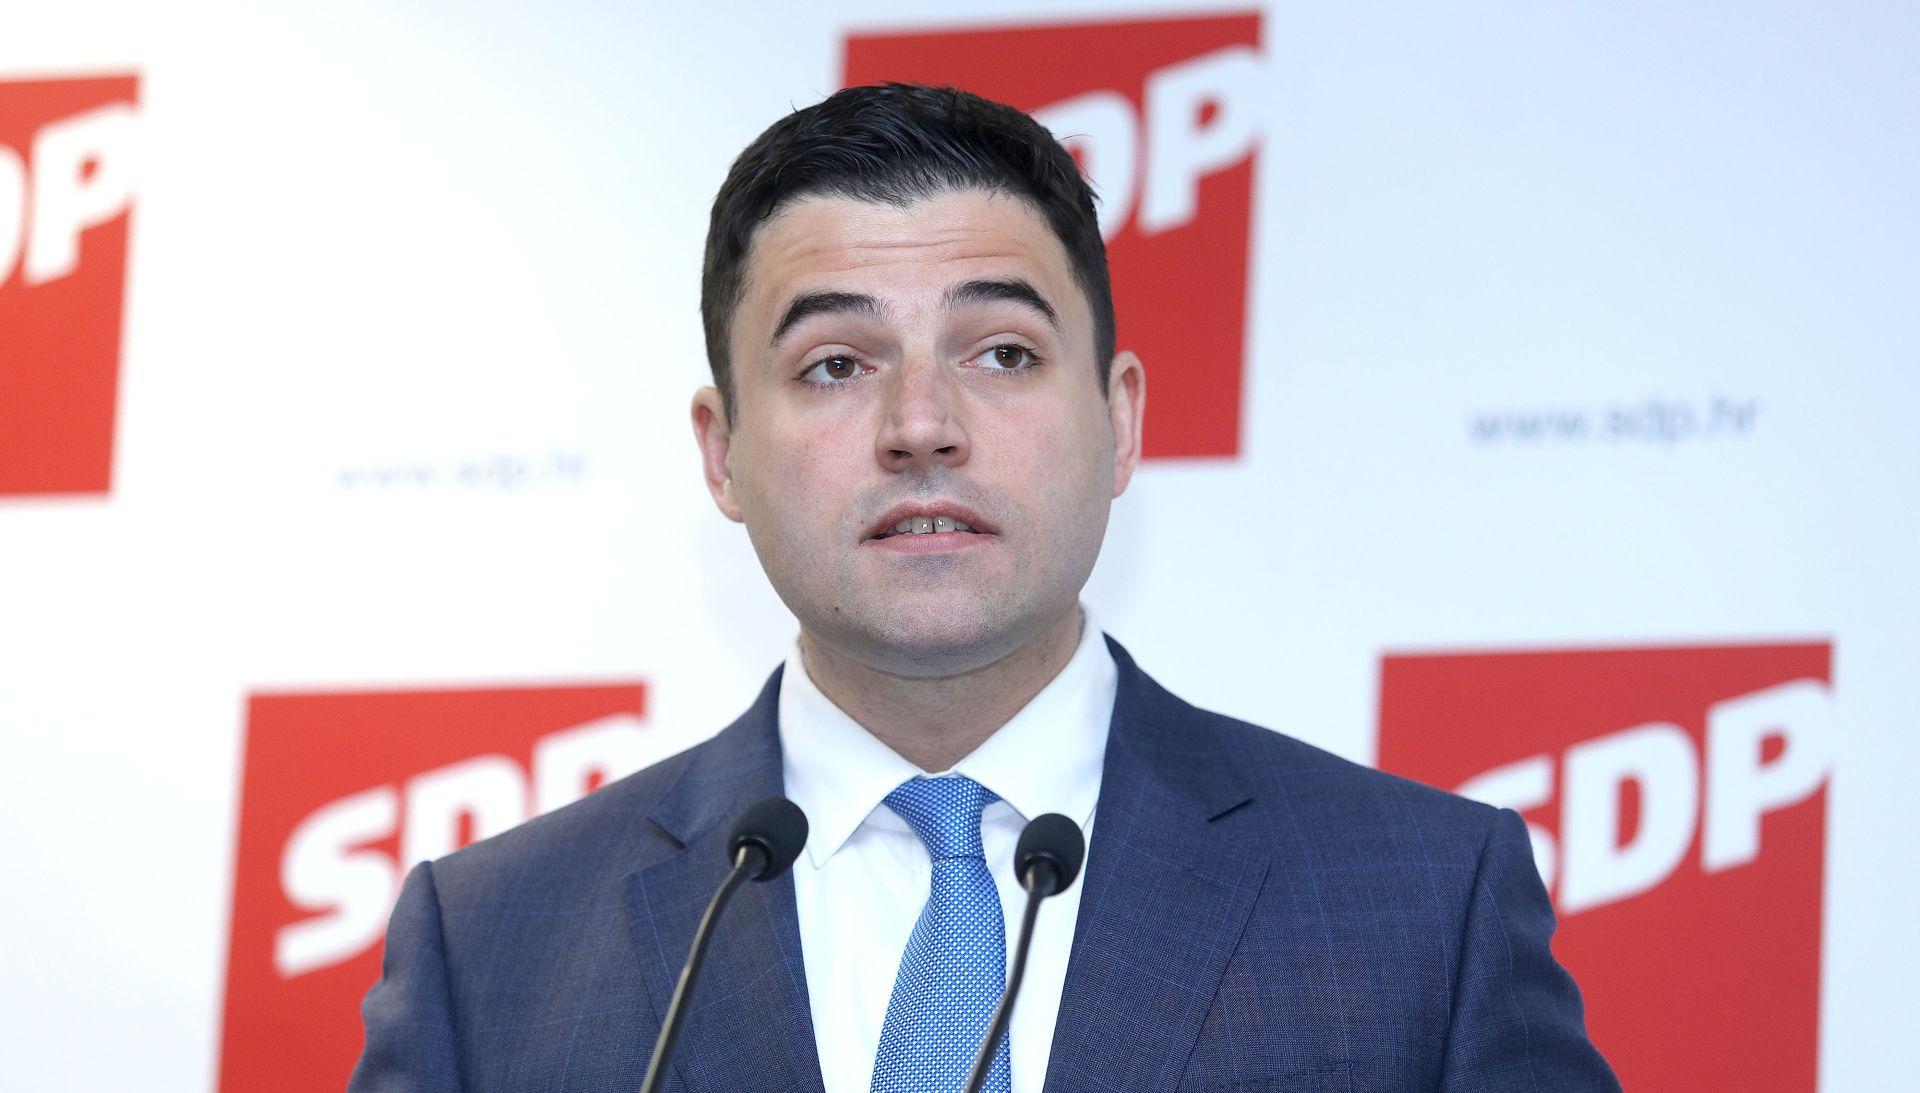 BERNARDIĆ 'Ukoliko se potvrdi da su odvjetnički uredi pisali lex Agrokor, bit će upitno povjerenje u cijelu Vladu'